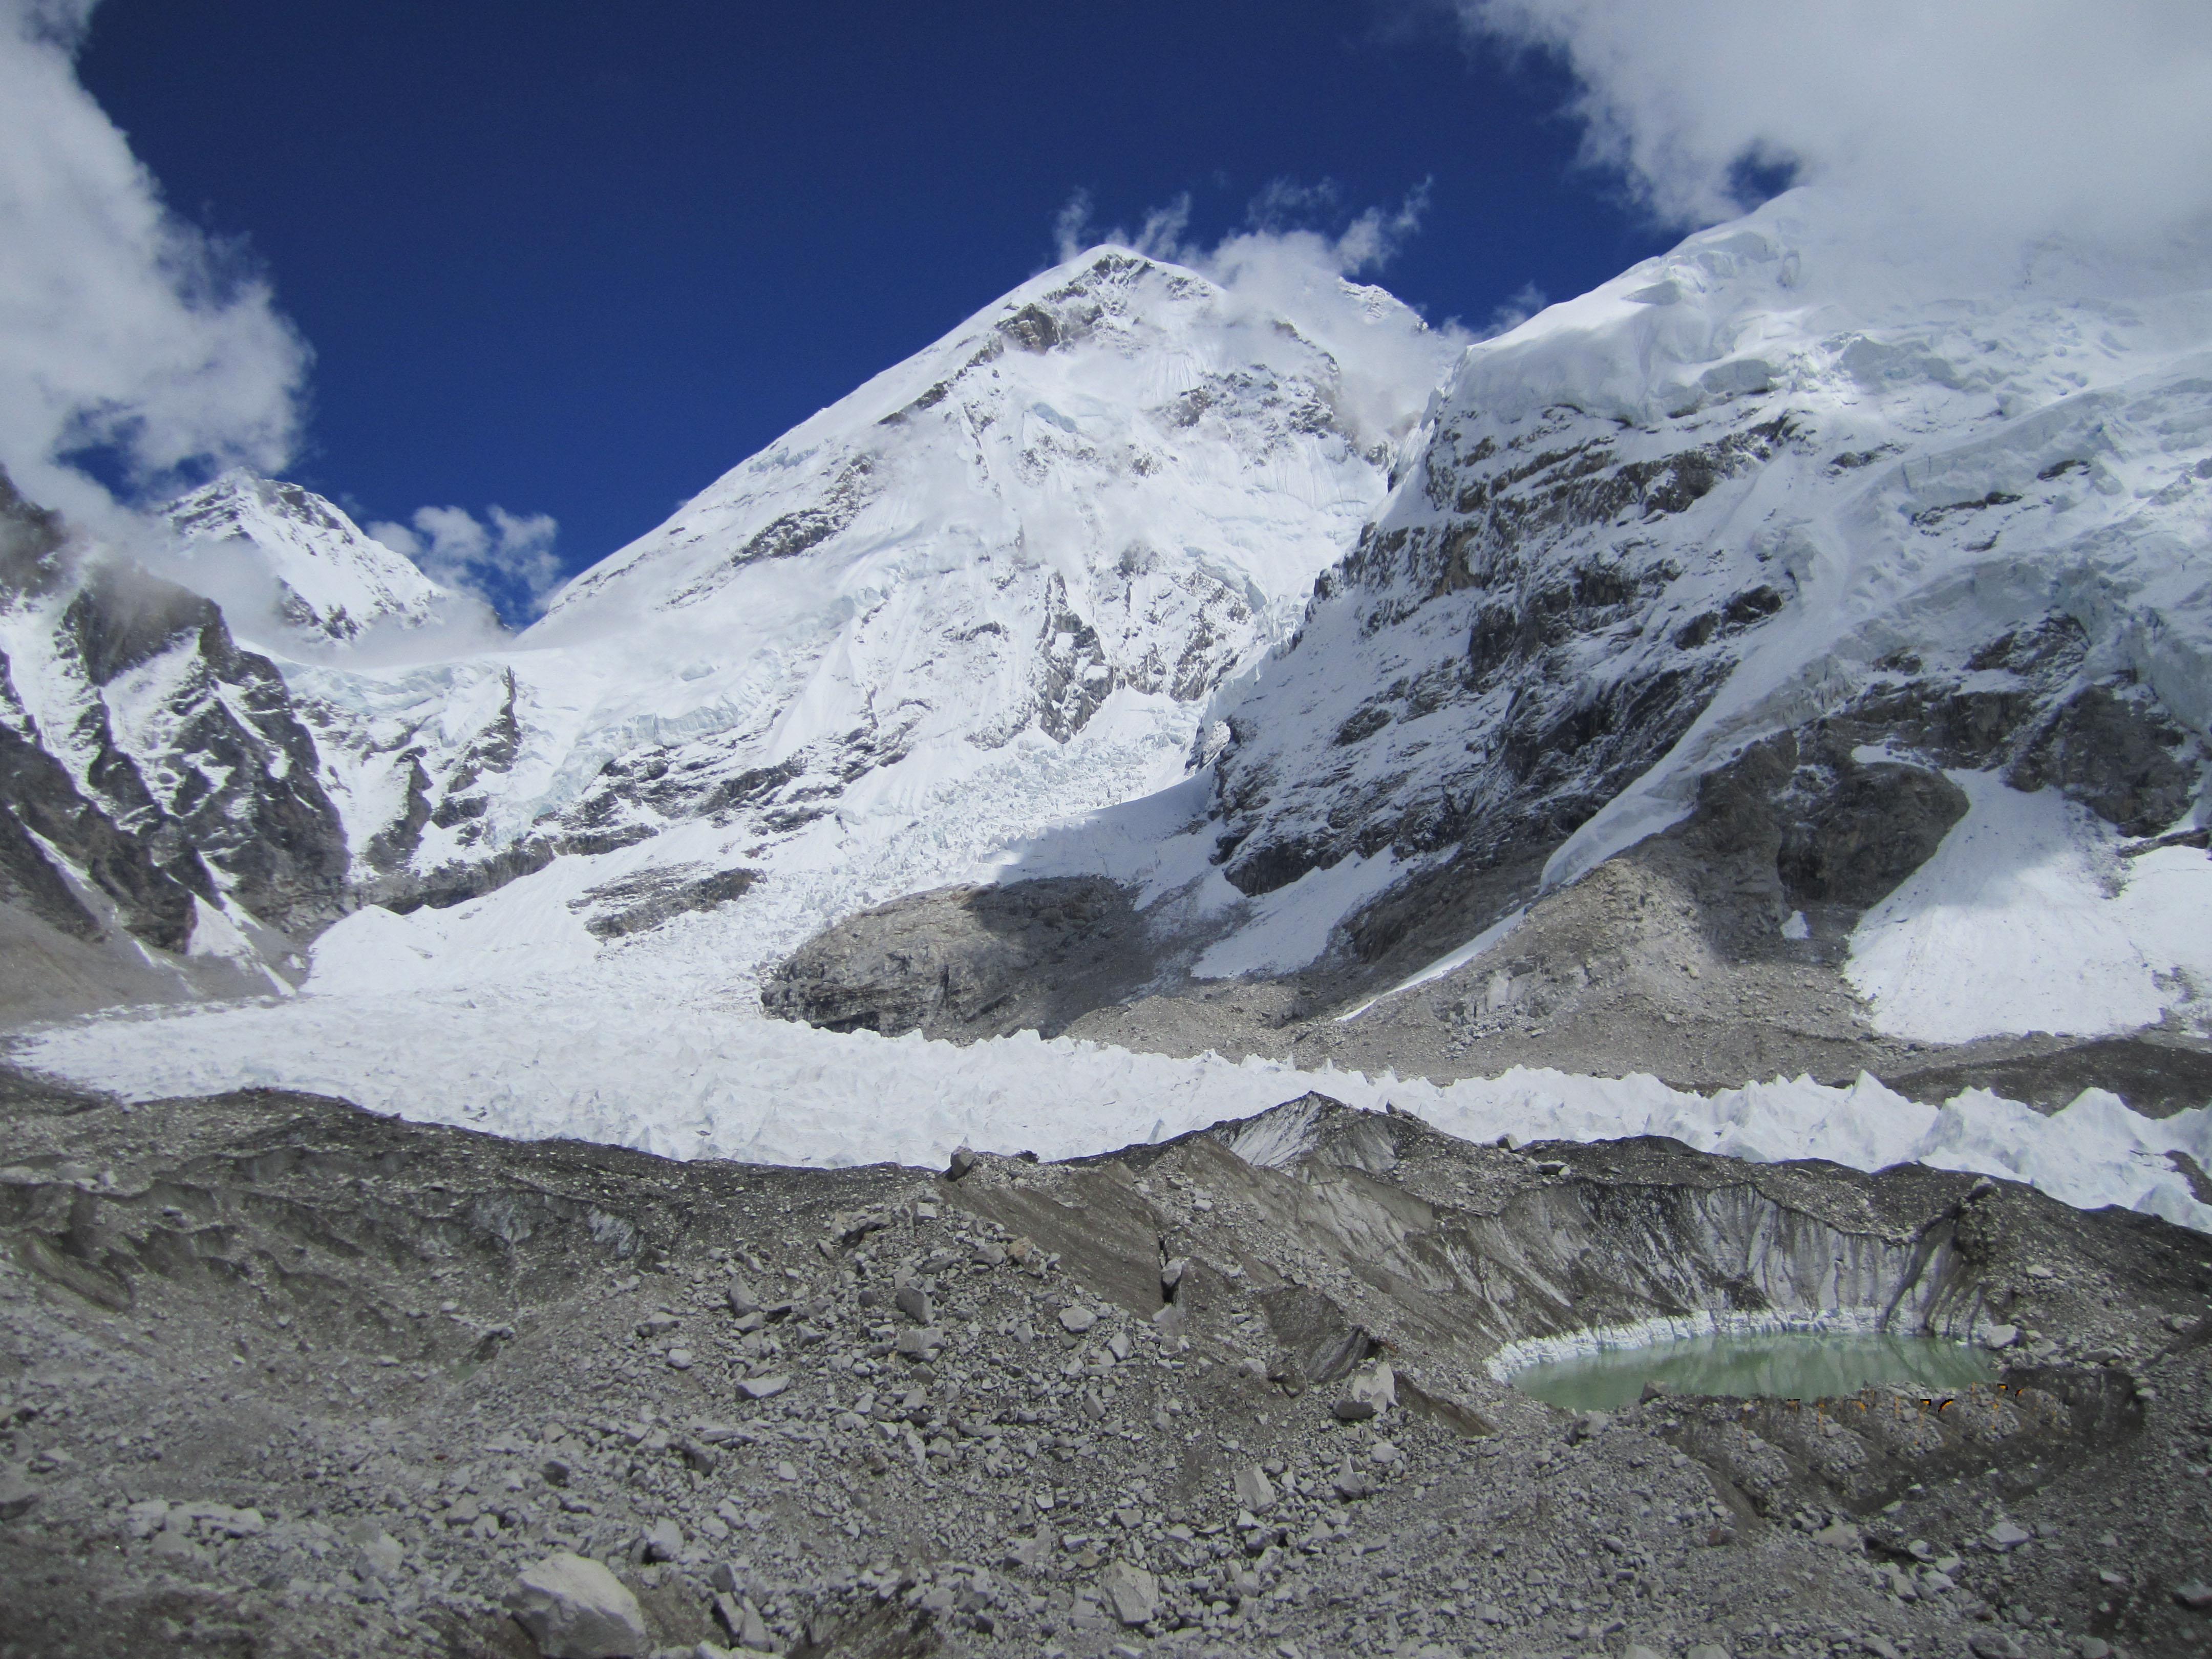 Mount Everest base camp -5364 m